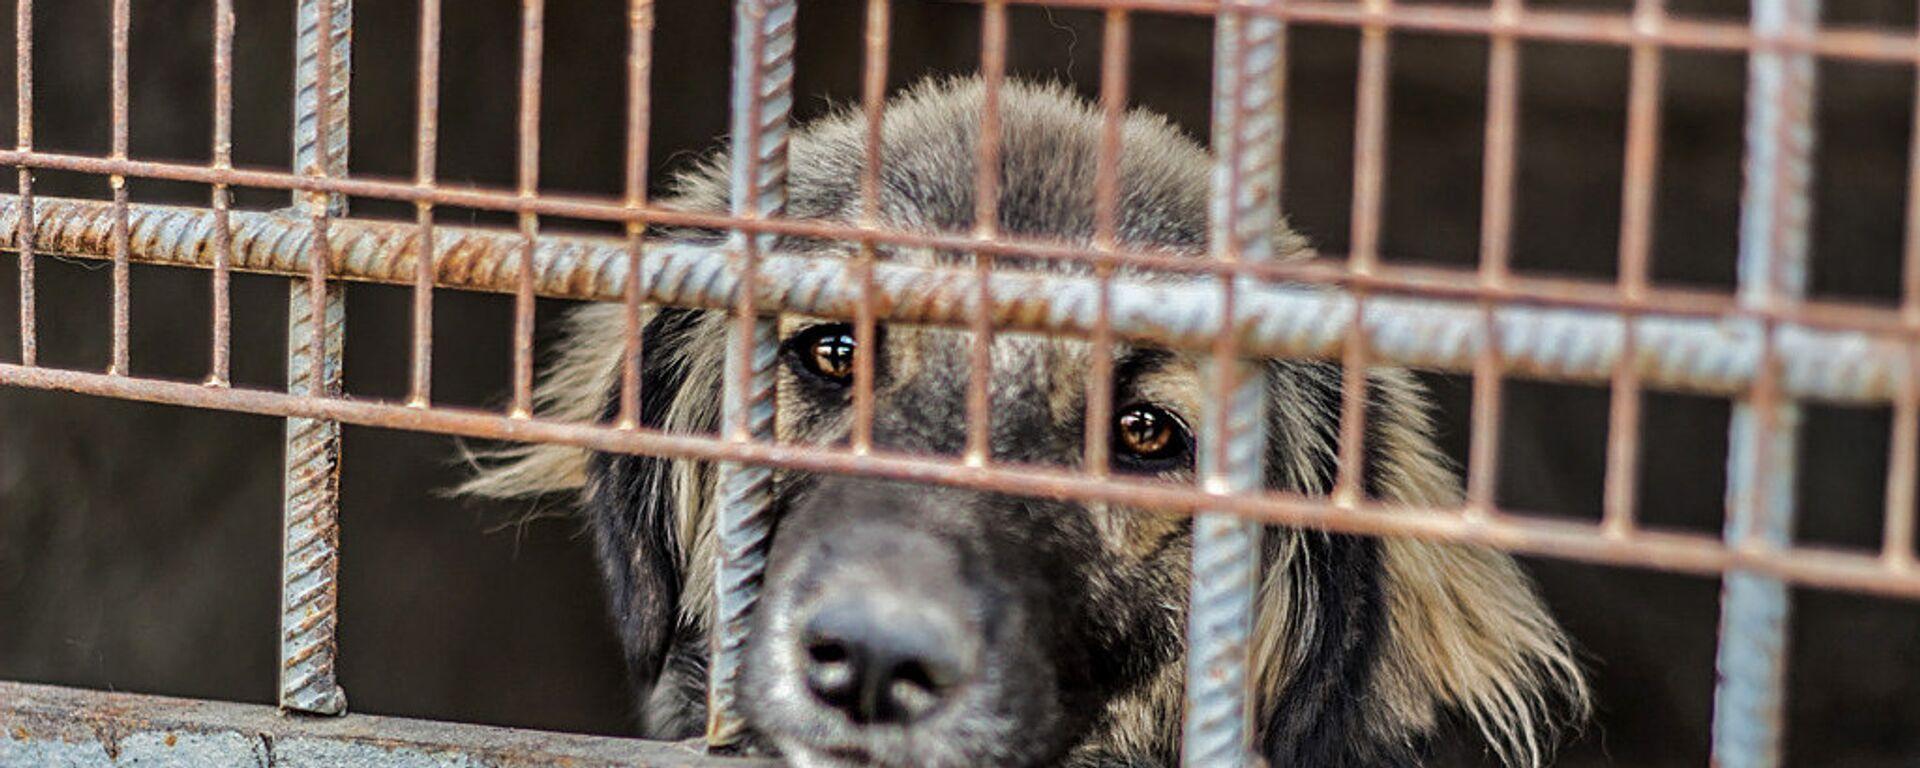 Собака в Юниграф-Икс - Sputnik Армения, 1920, 29.06.2018